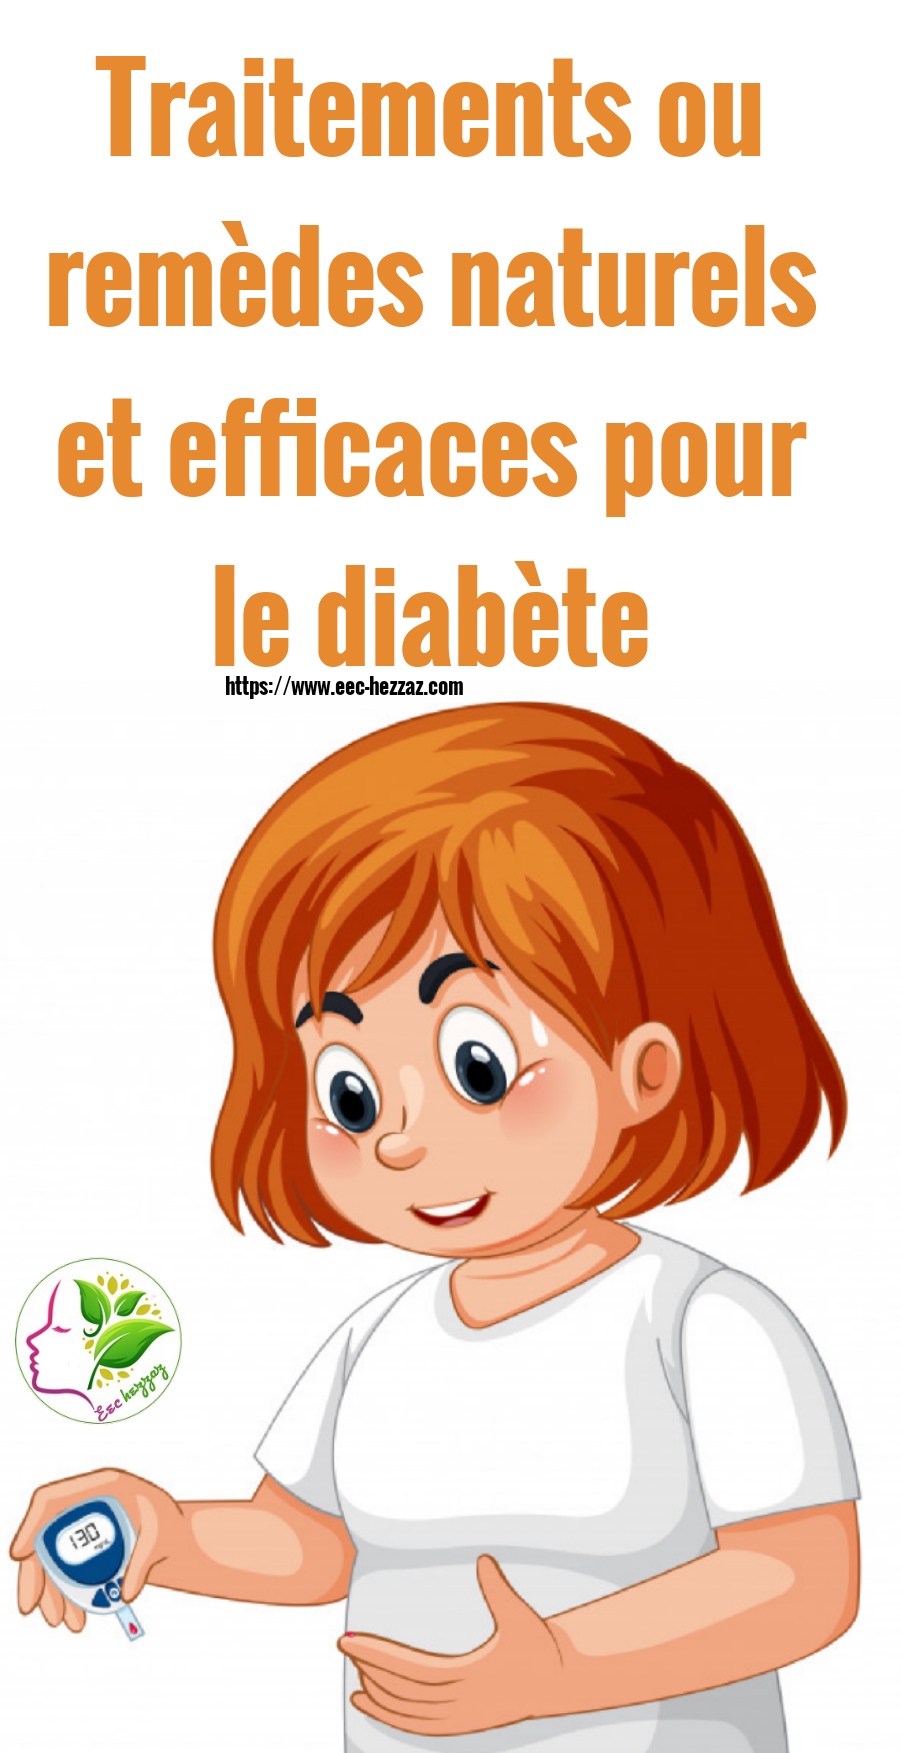 Traitements ou remèdes naturels et efficaces pour le diabète